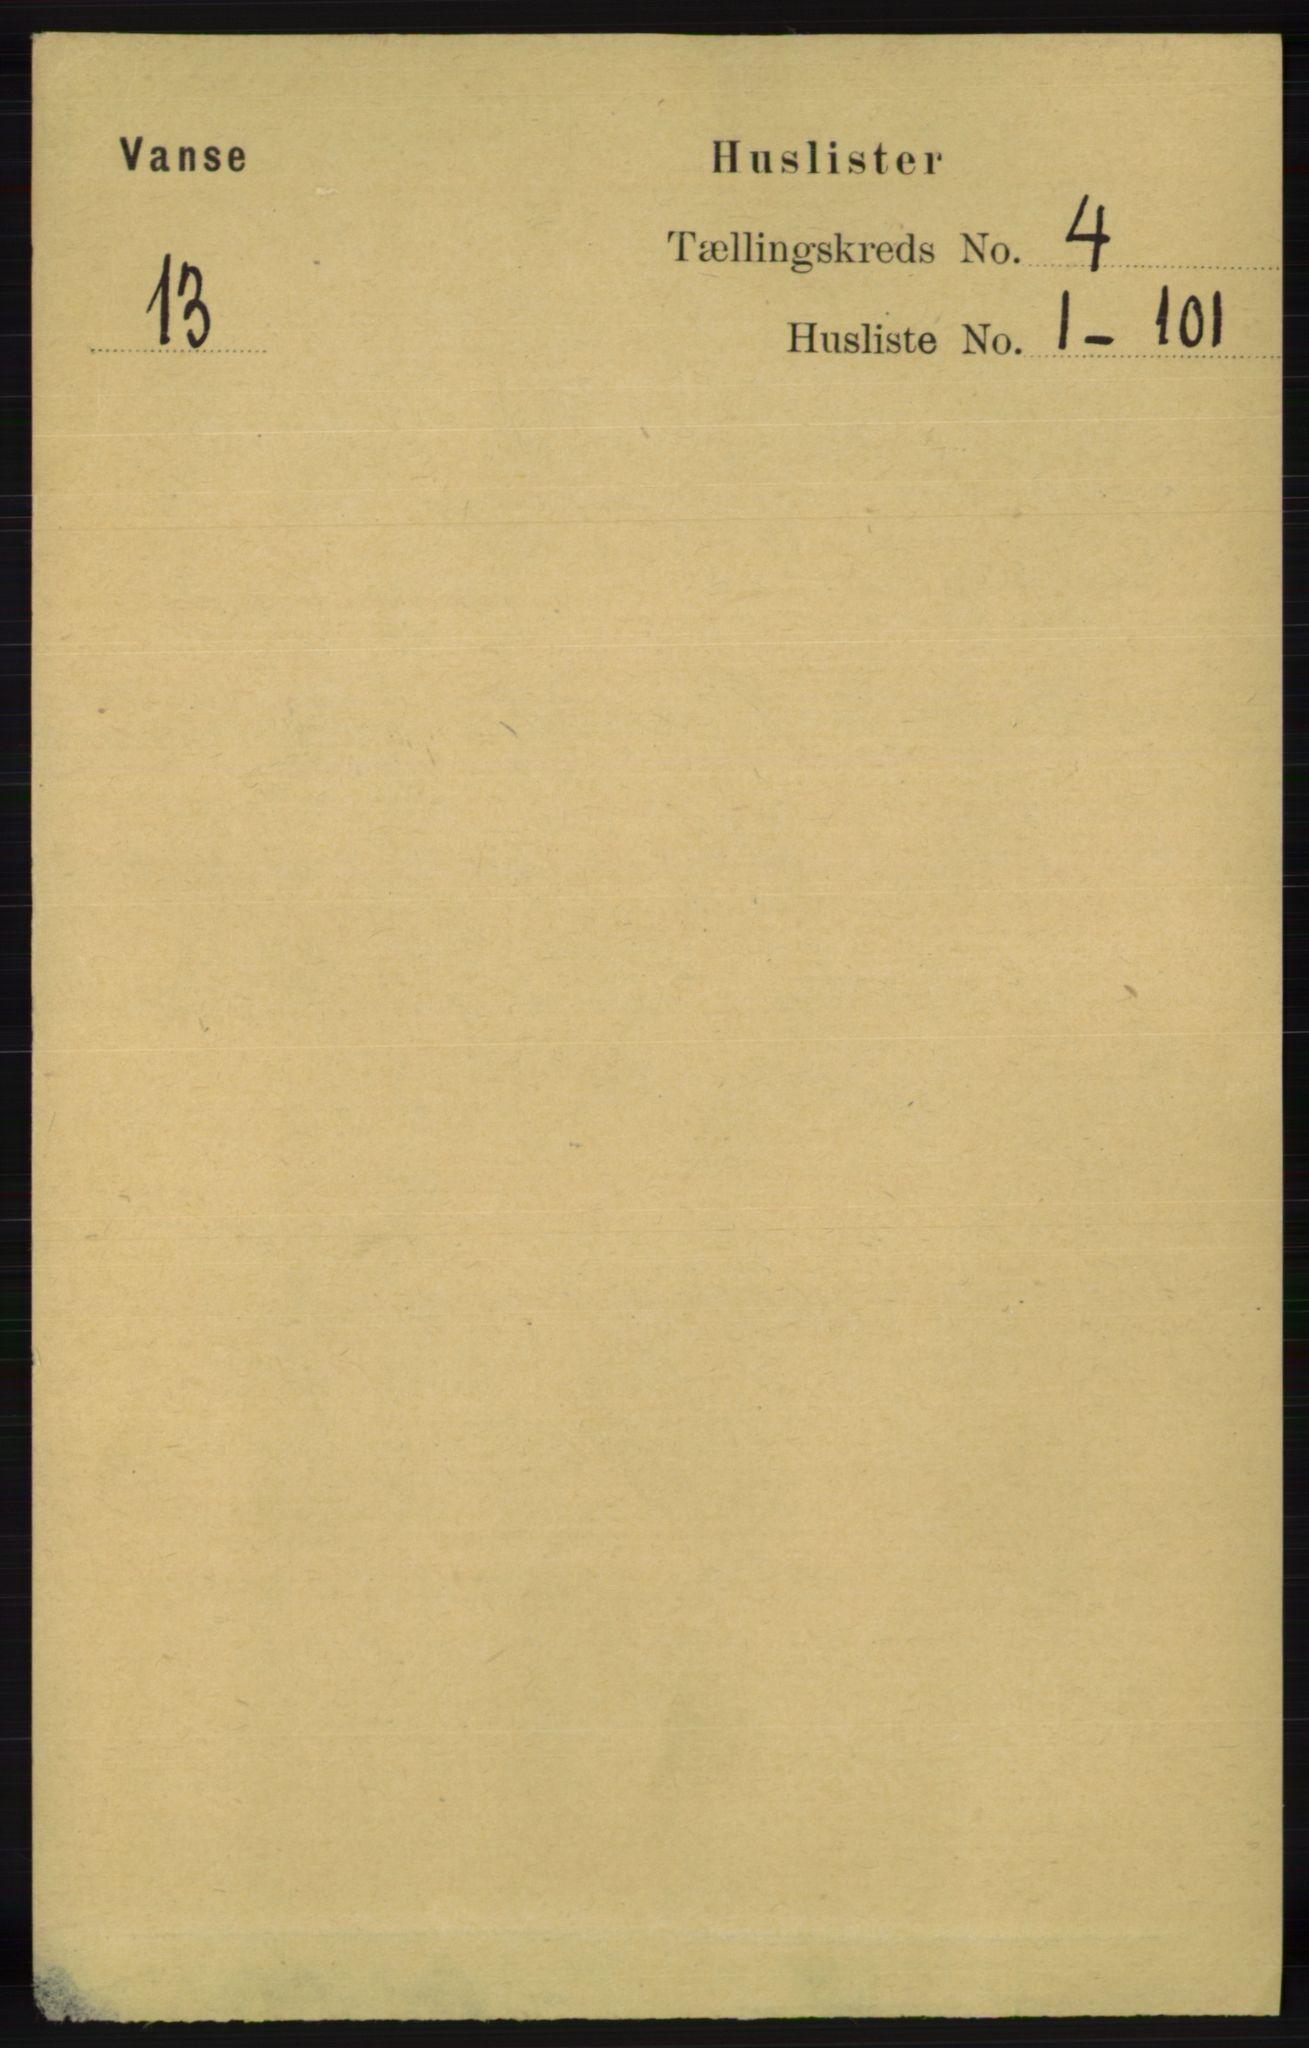 RA, Folketelling 1891 for 1041 Vanse herred, 1891, s. 2039